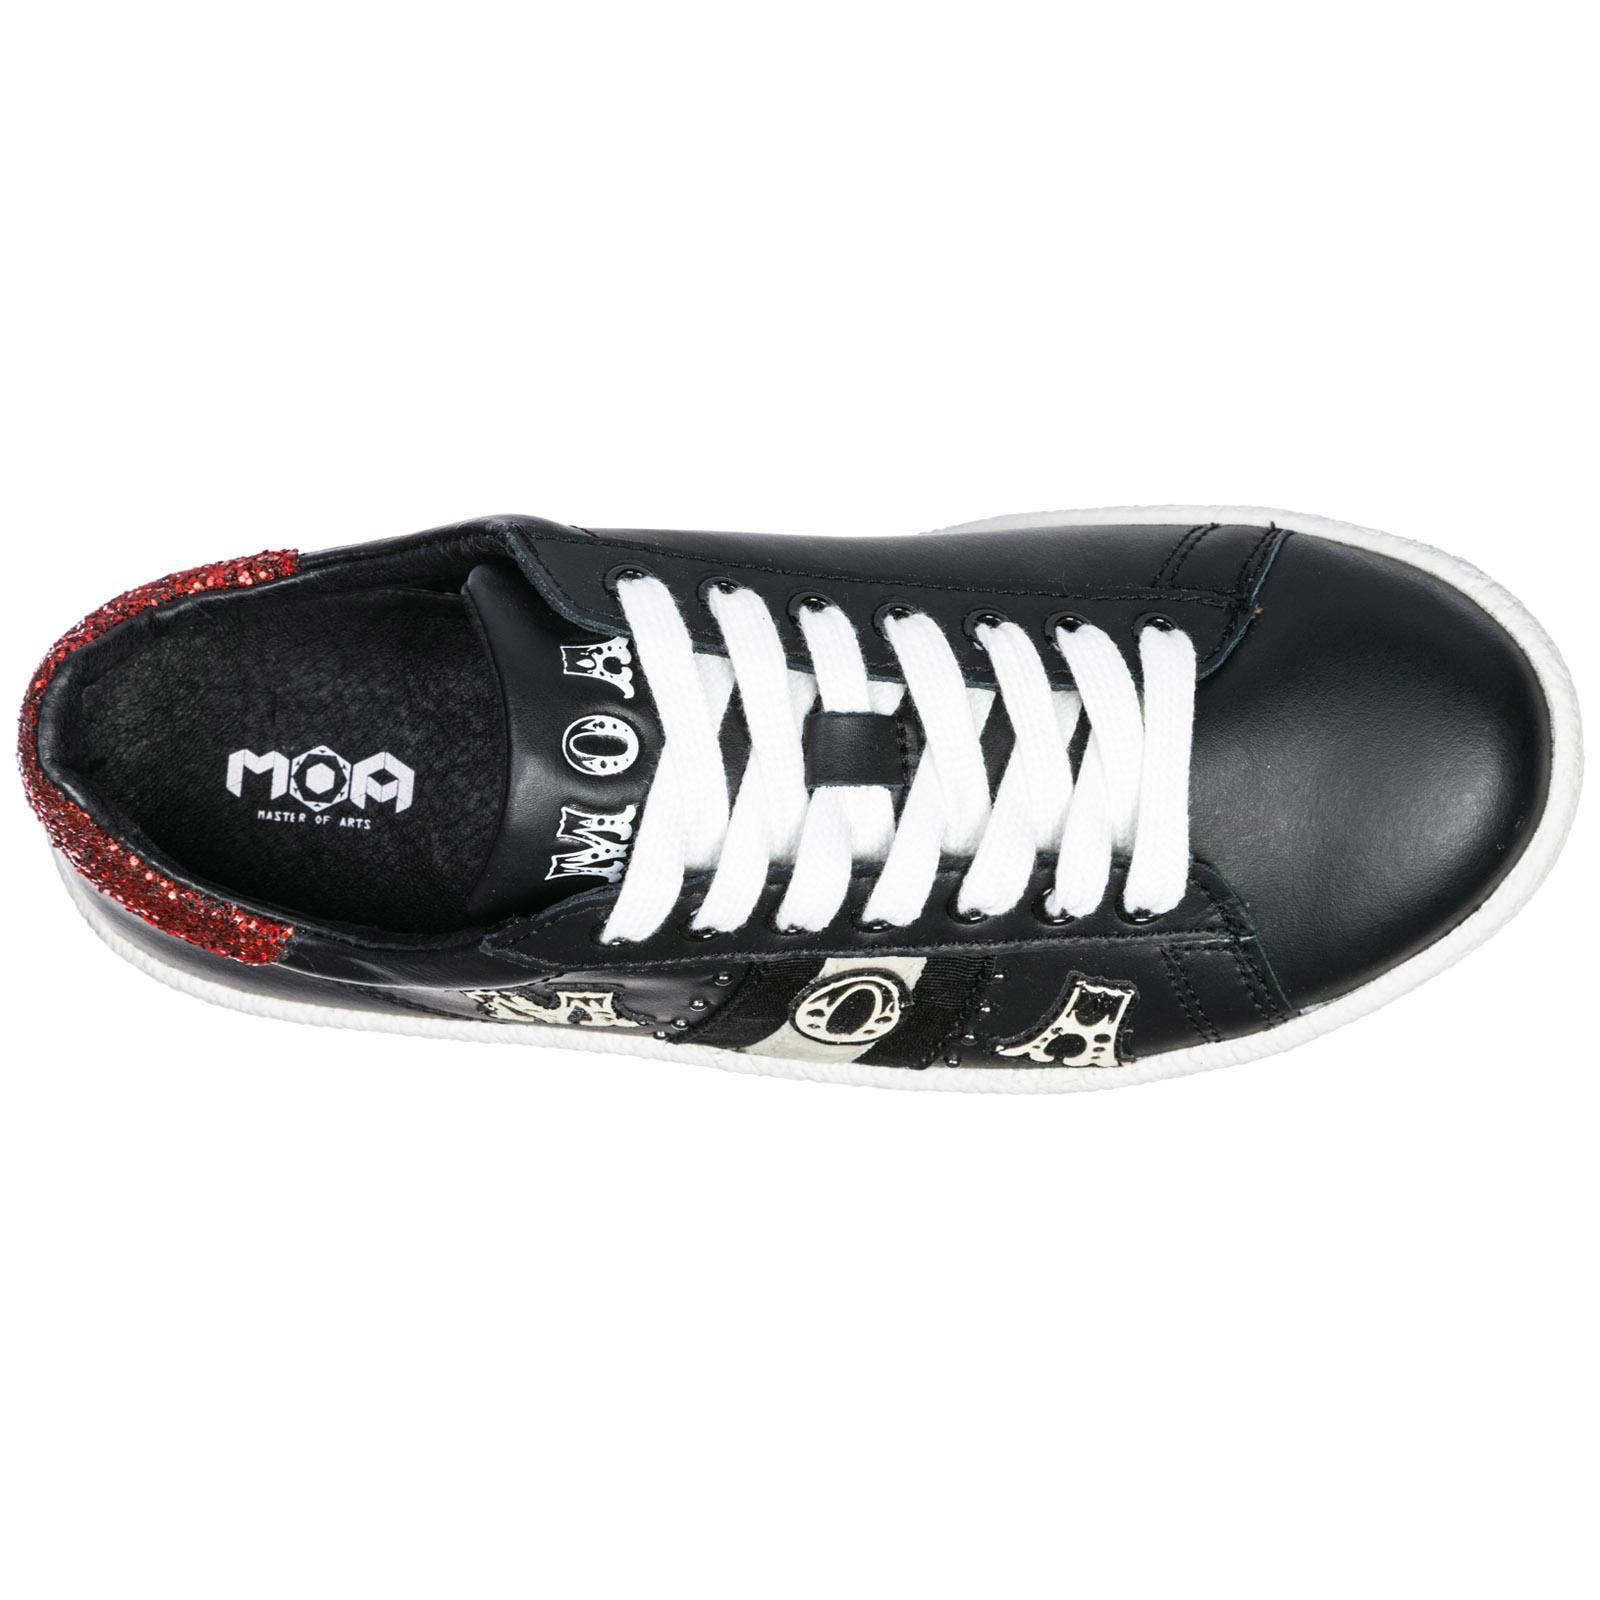 Zapatos zapatillas de deporte mujer en piel grand master